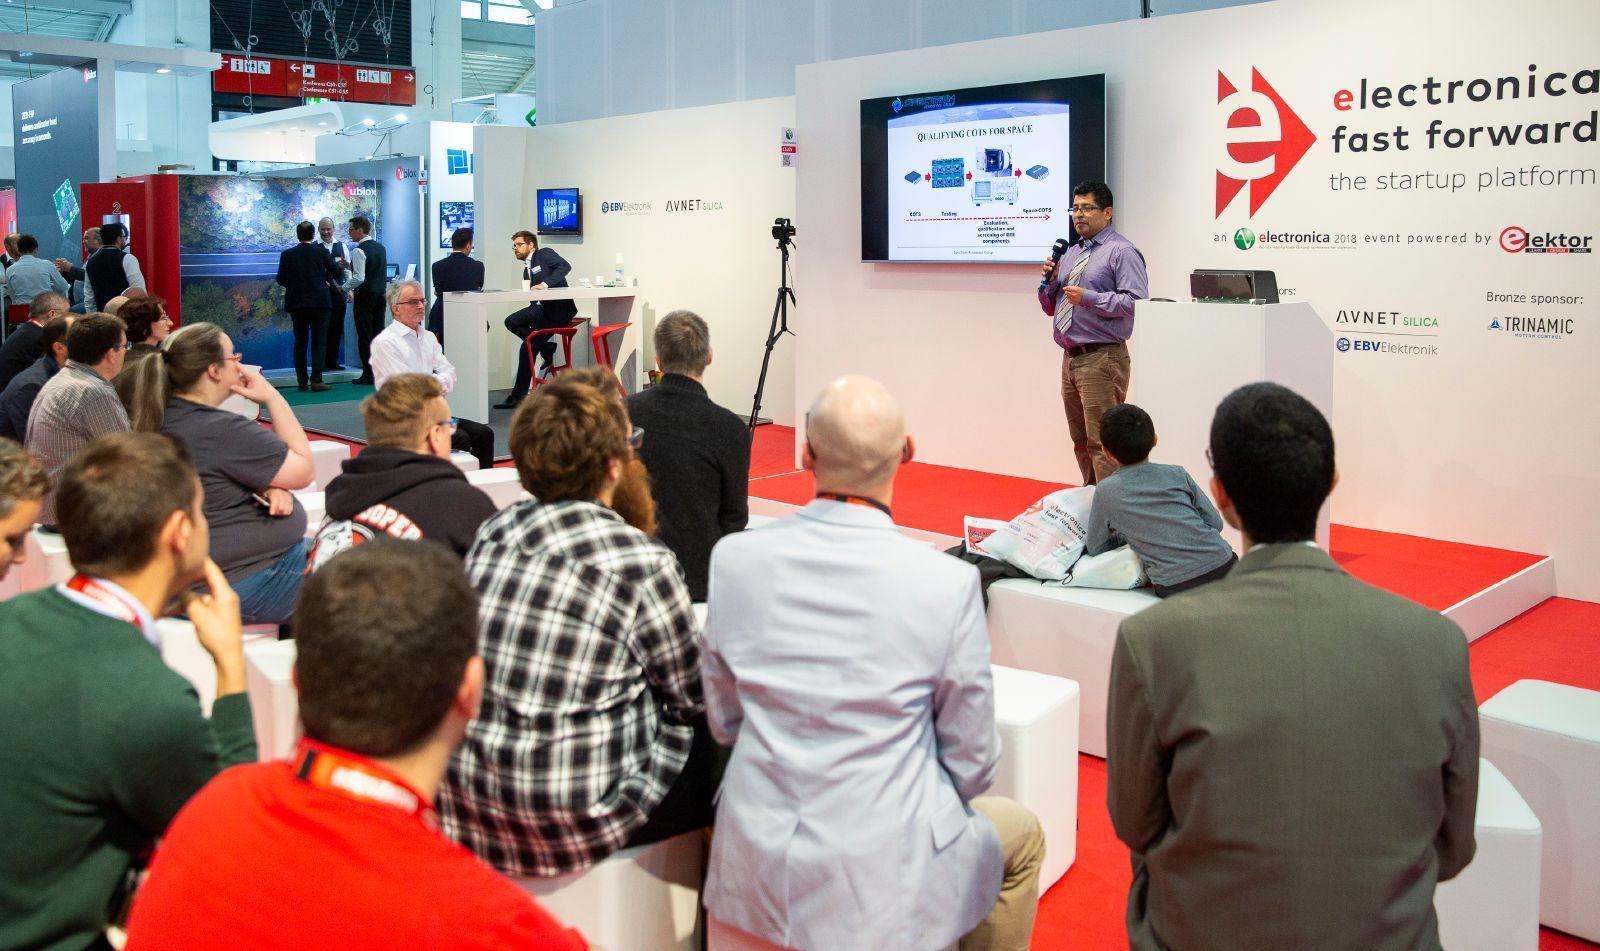 독일 뮌헨 국제 전자부품 박람회(electronica)에서 스타트업 참가를 통해 신기술가 제품을 선보이고 신규기업의 성장을 지원하기 위해 운영하는 스타트업 프로그램입니다.